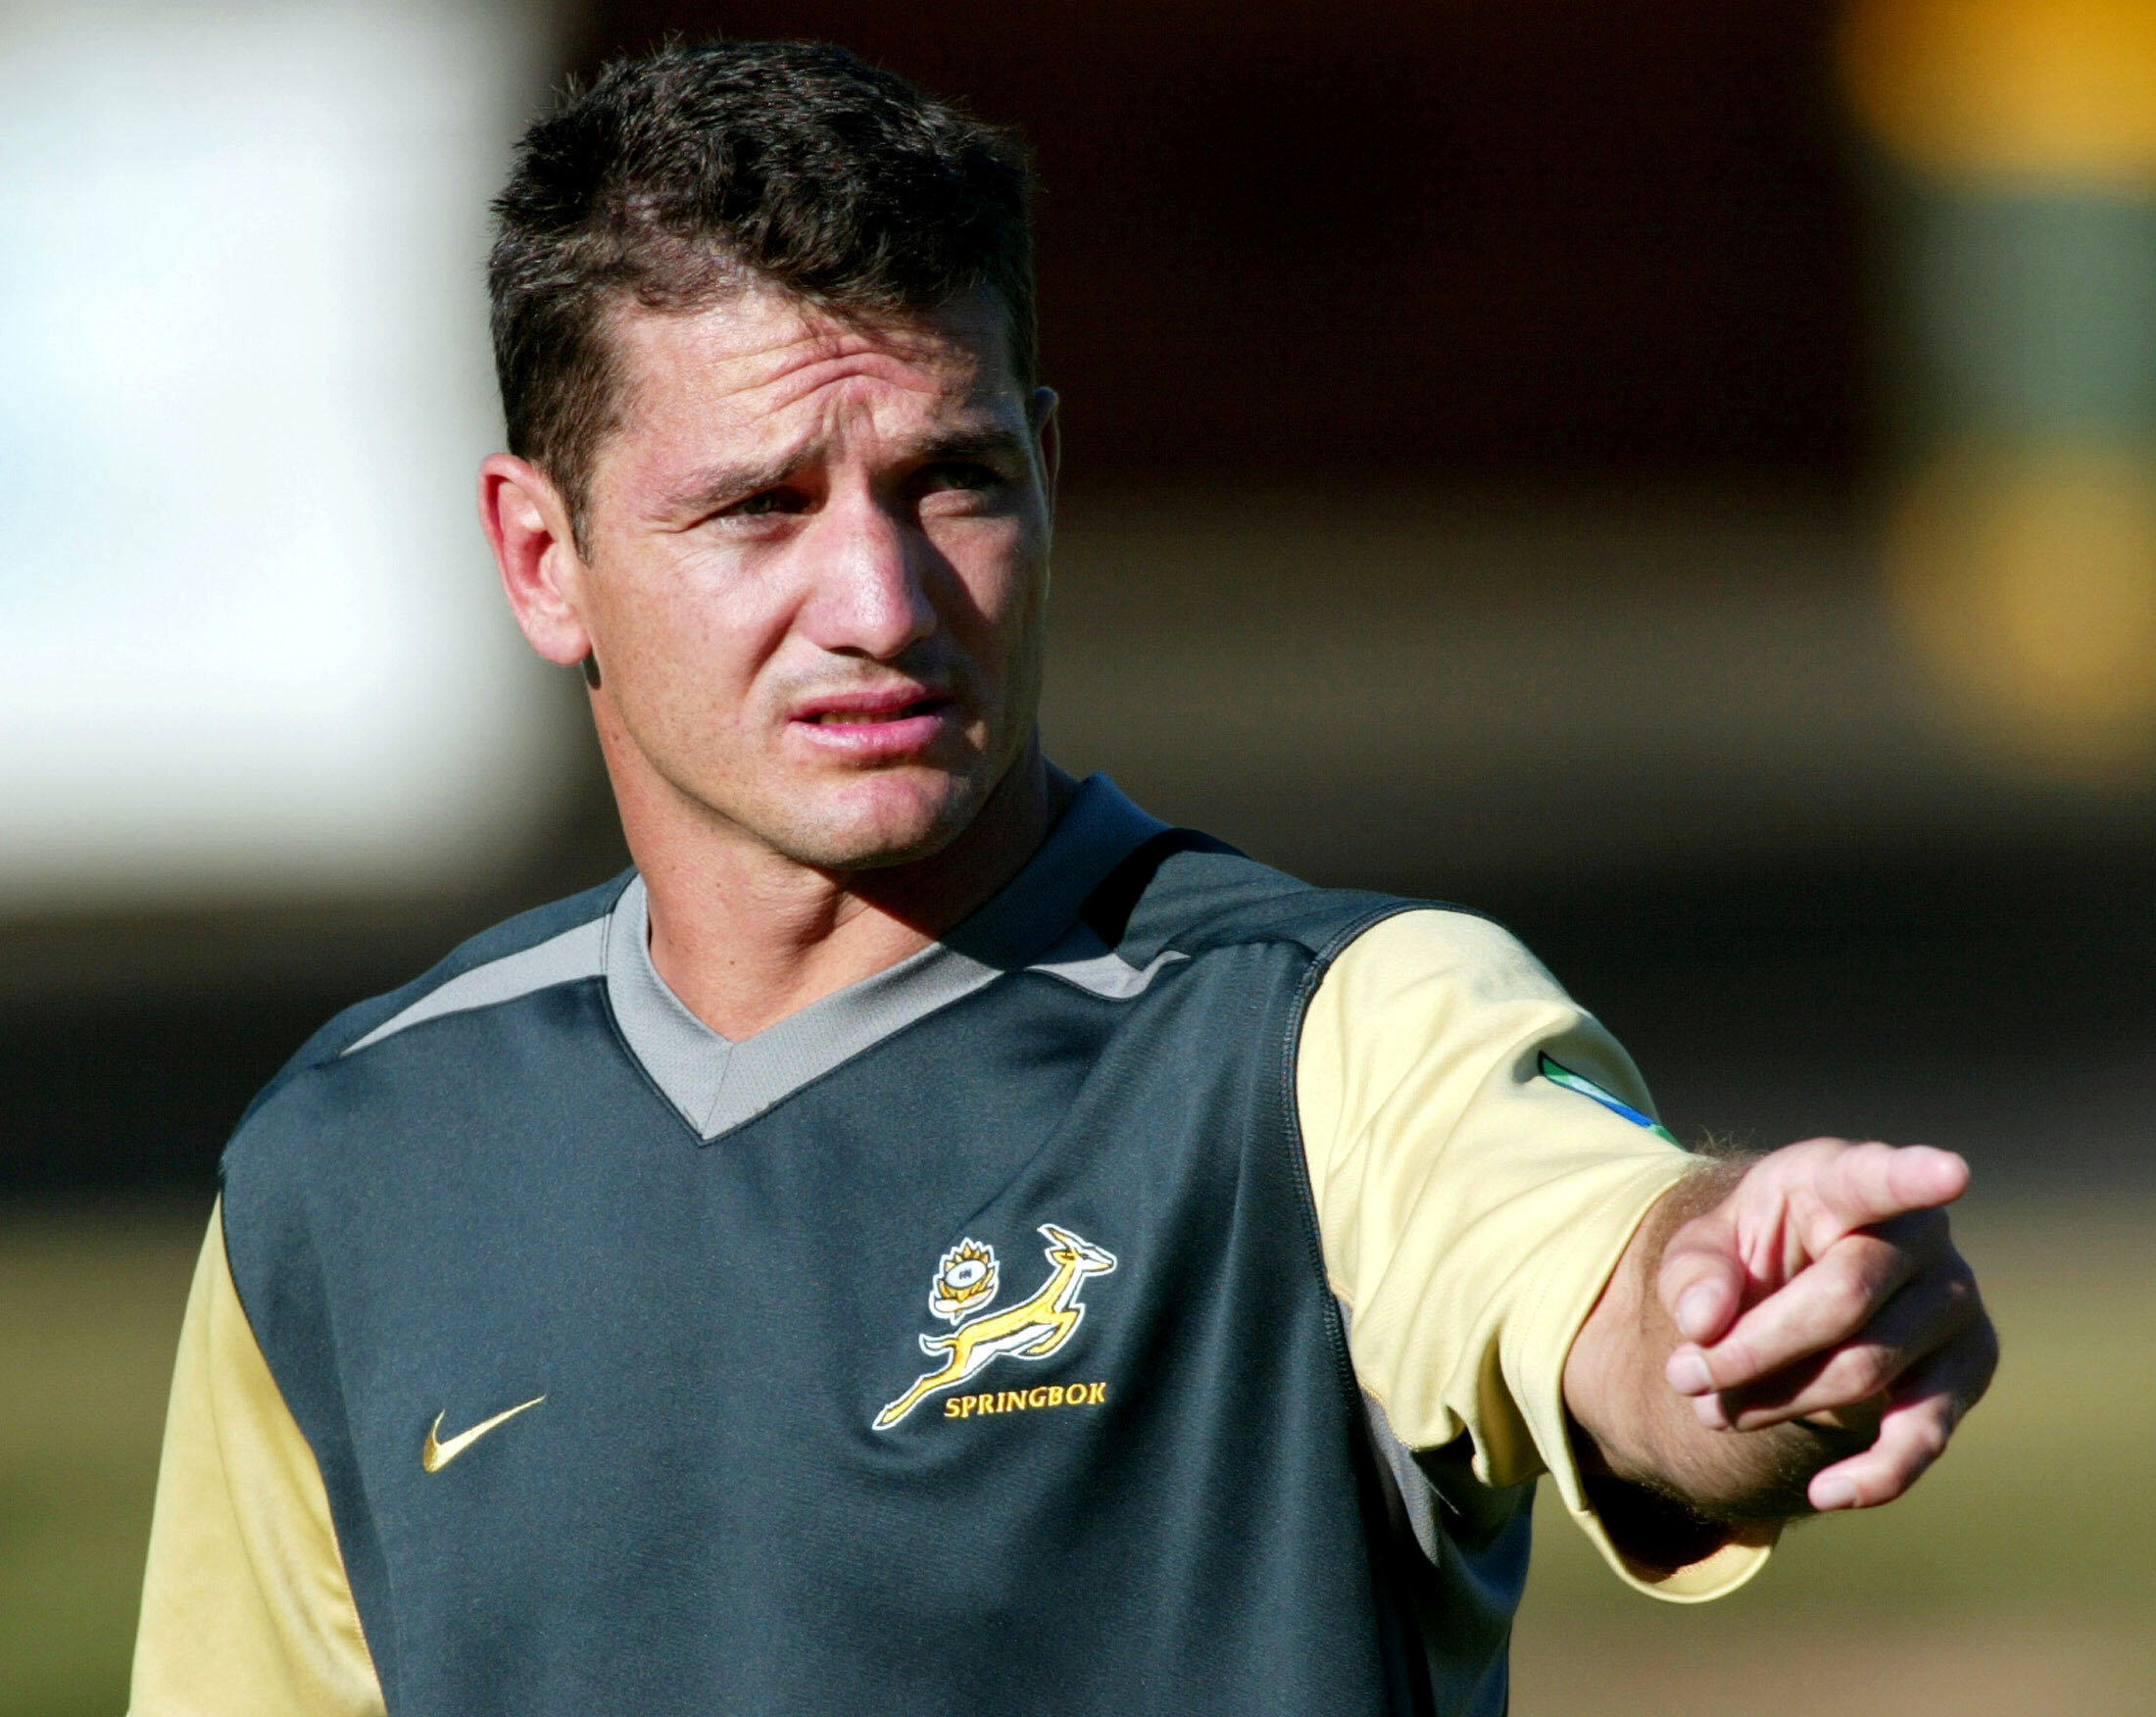 Le Sud-Africain Joost van der Westhuizen ici à l'entraînement en 2003 à Melbourne lors de la Coupe du monde en Australie.